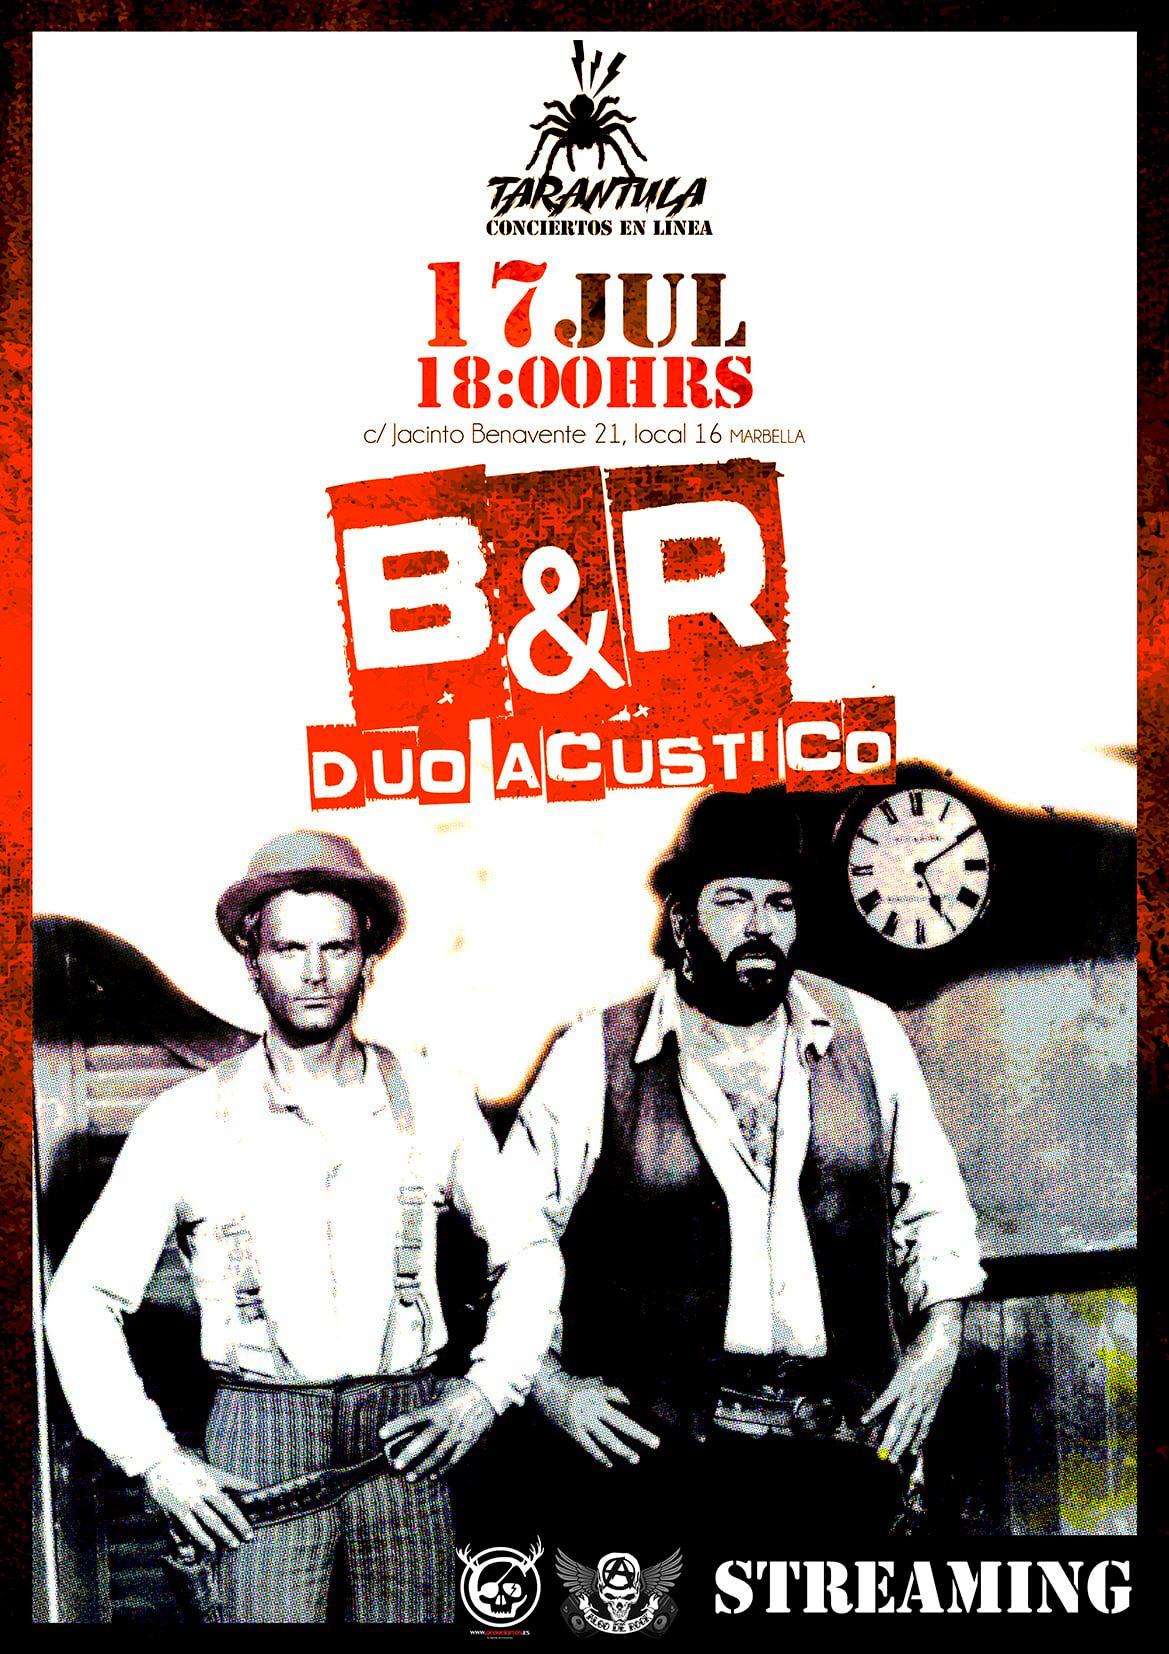 Estudios Tarántula: B&R Dúo Acústico en streamnig el 17 de julio